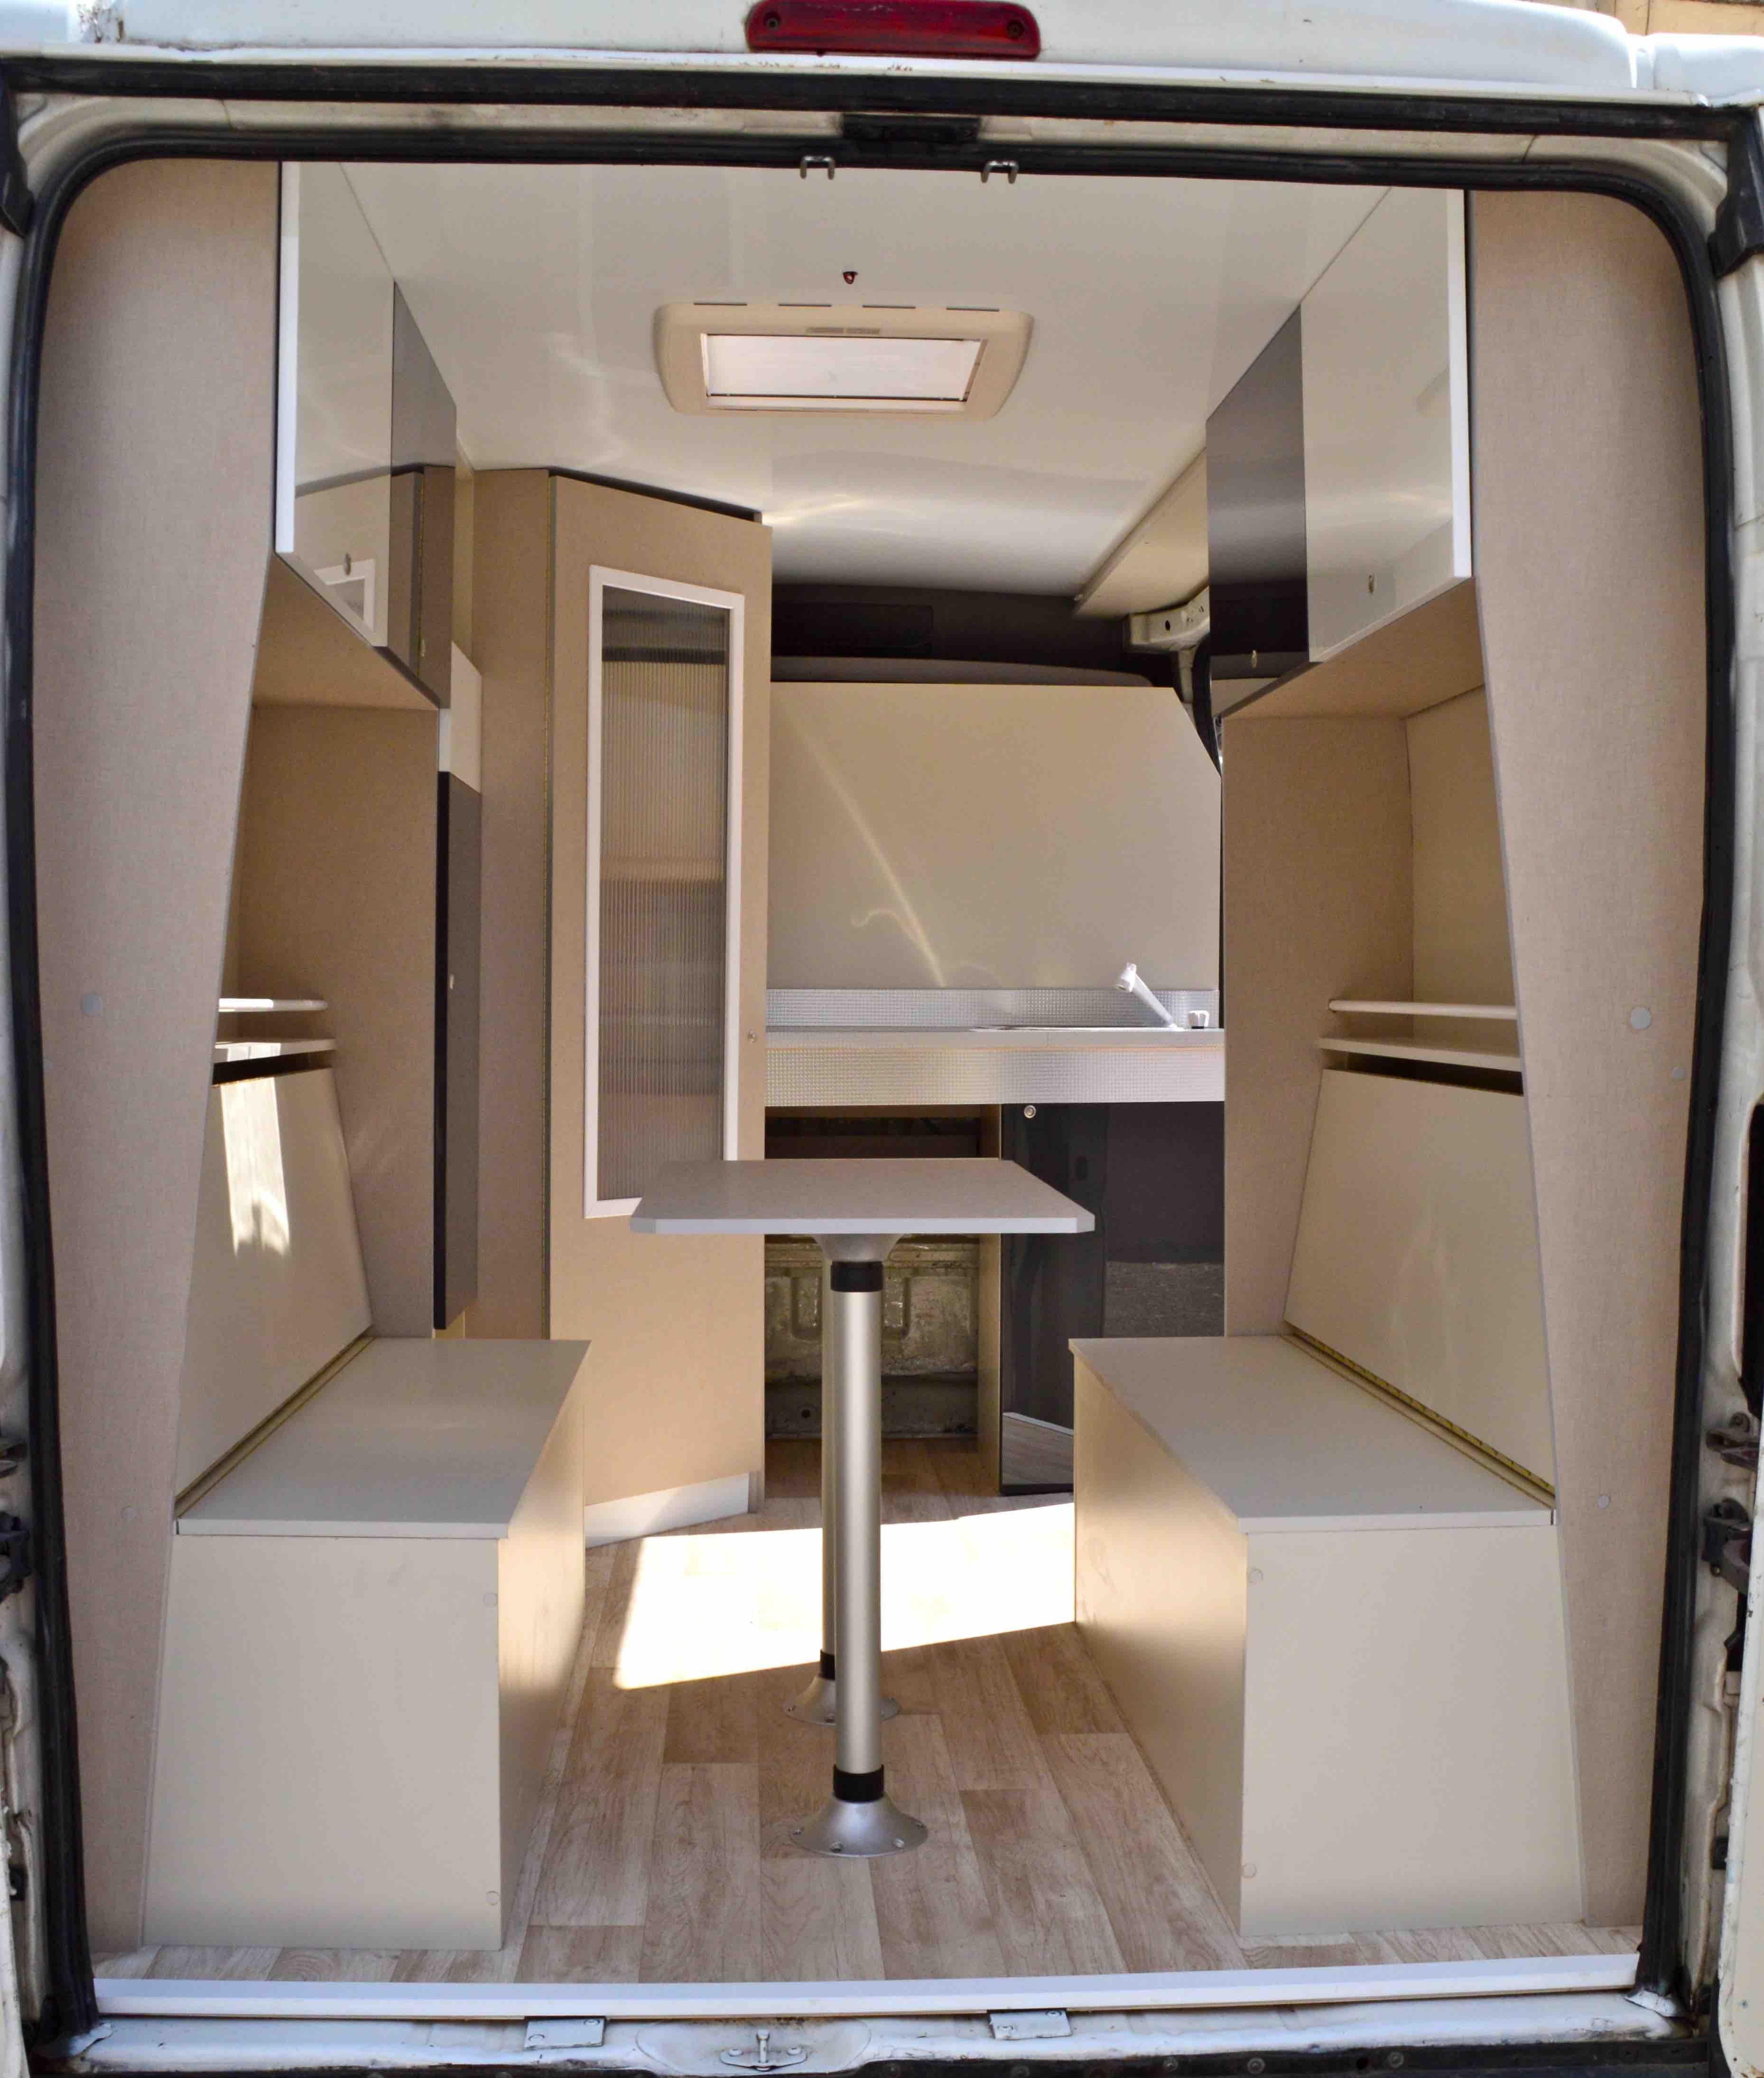 Citroen Jumper Equipada Furgonetas Preparadas Y Equipadas Vacaciones Camper Van BedCampervan